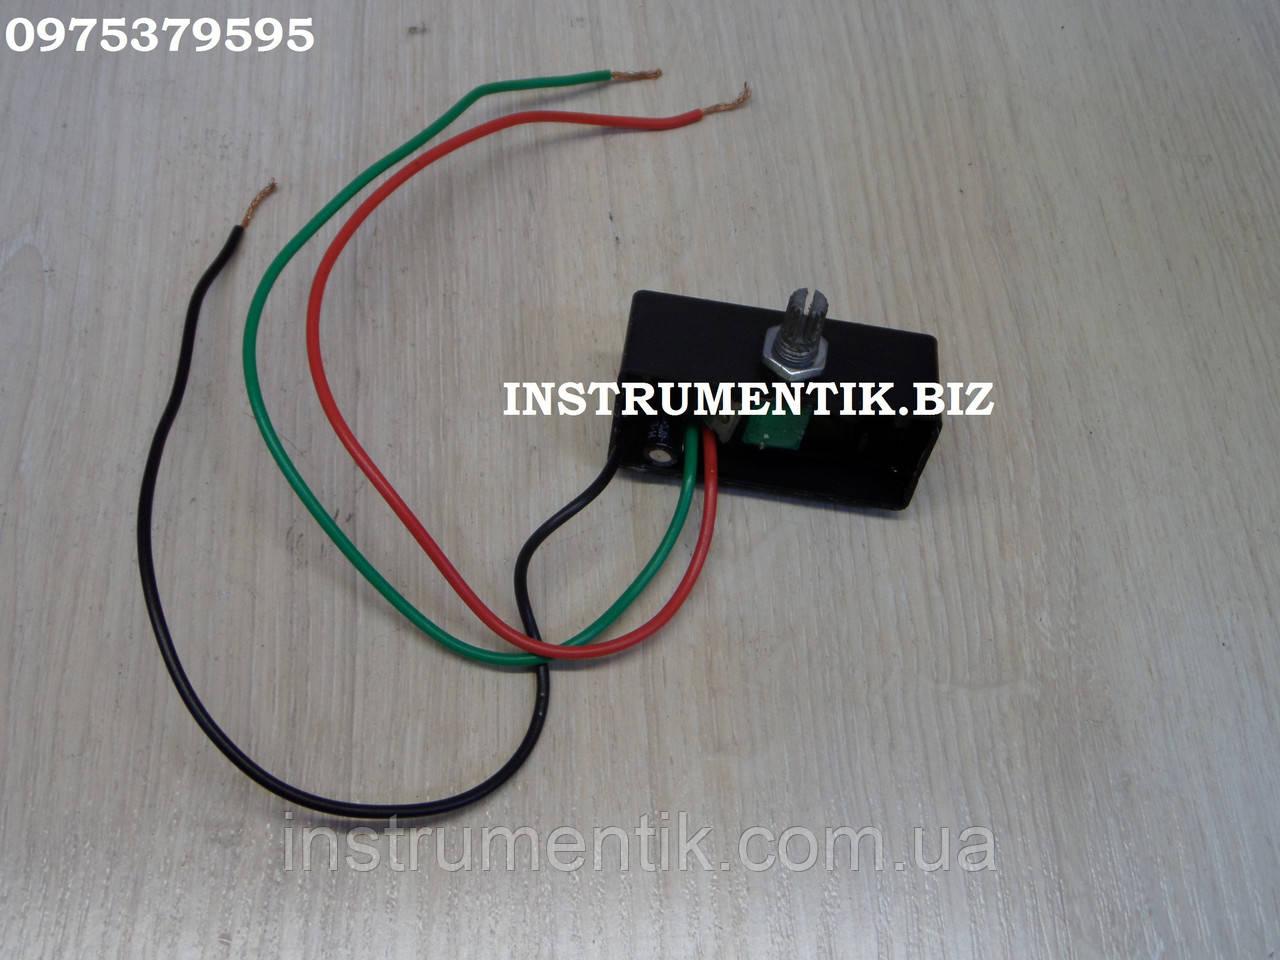 Регулятор для опрыскивателя AgriMotor SX-15D